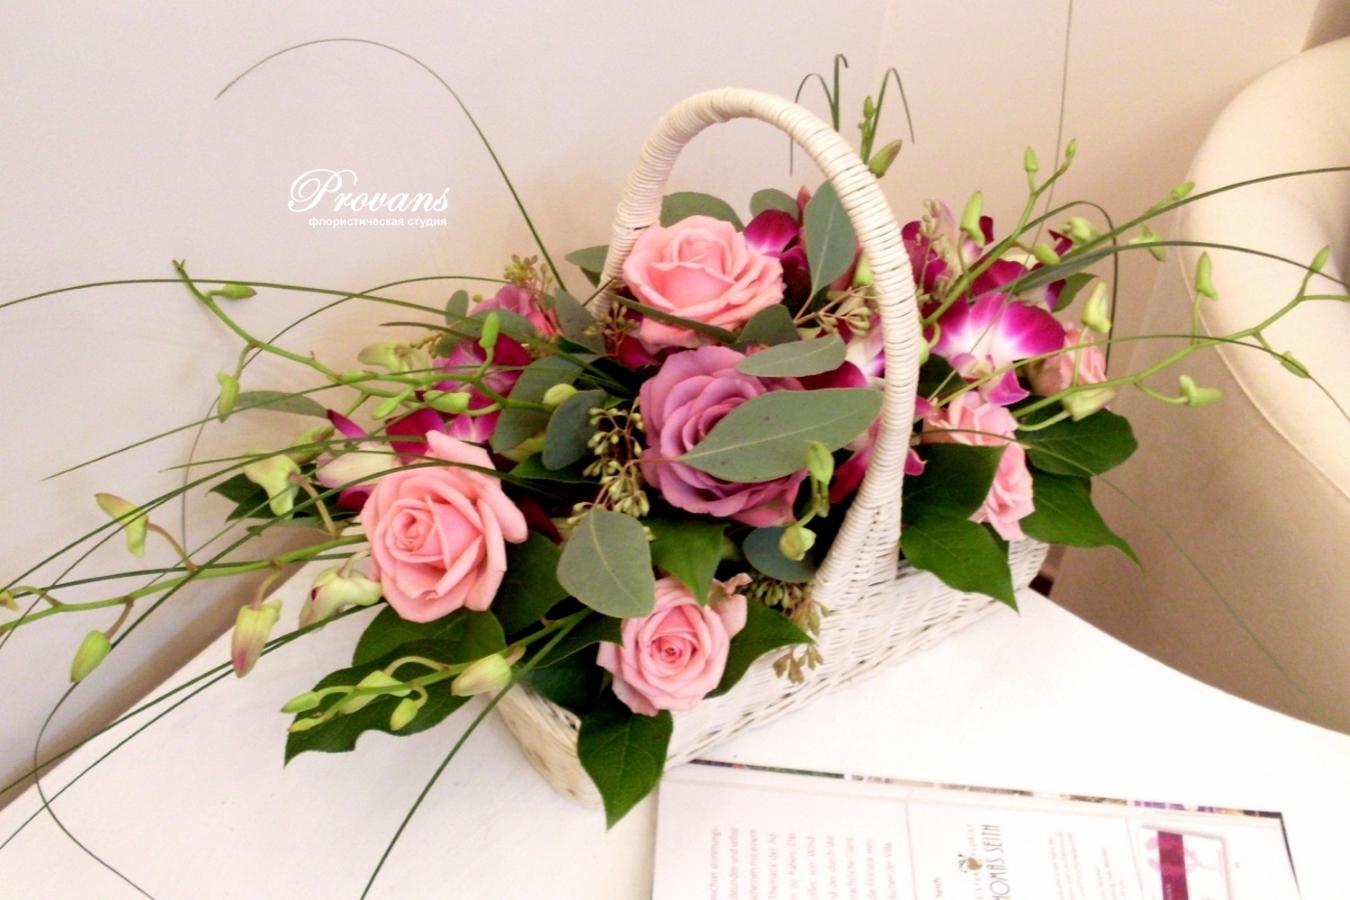 Корзина с цветами. Розы, орхидея